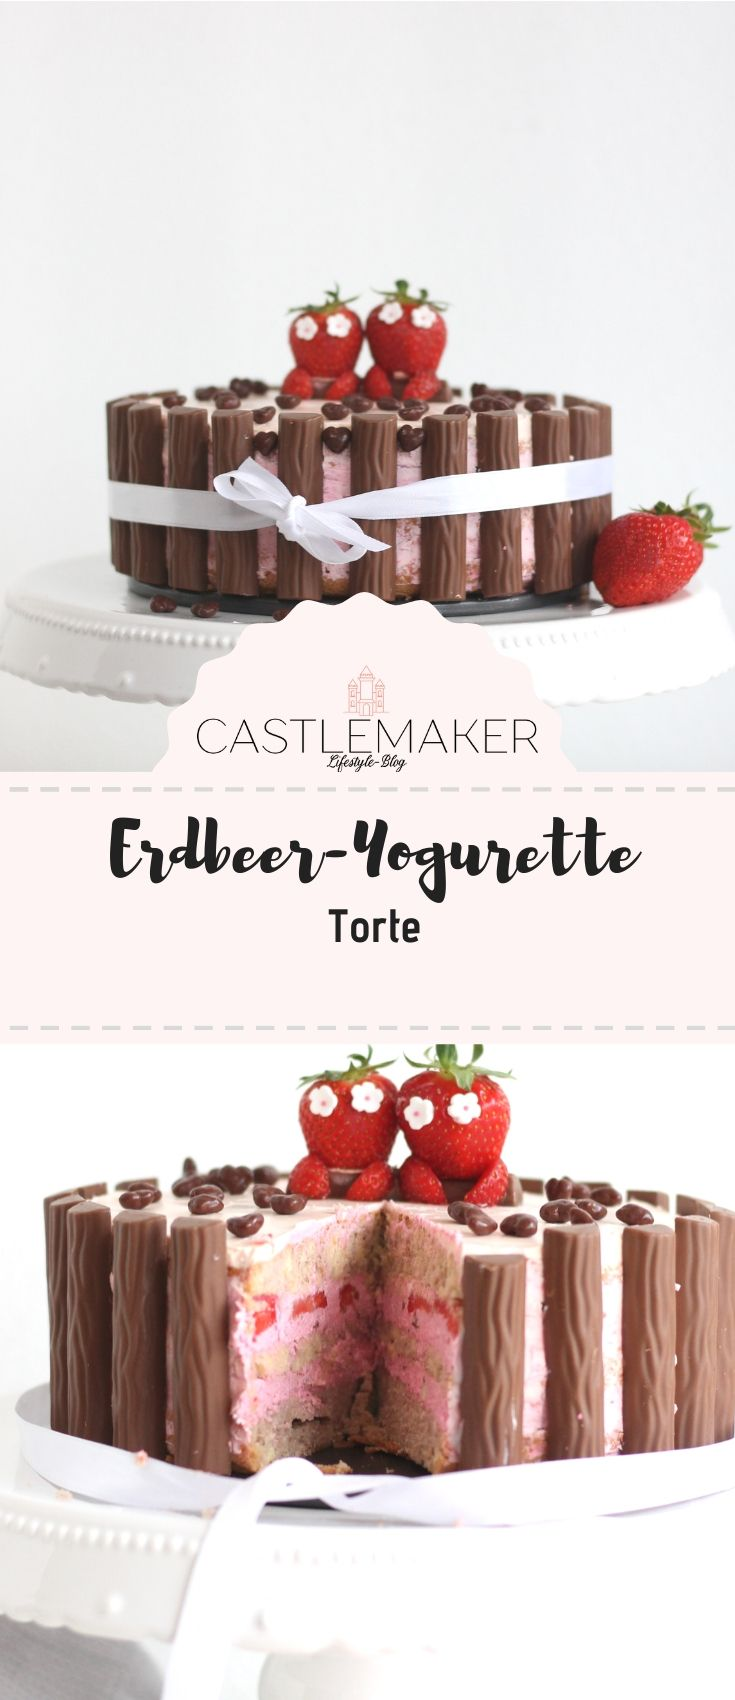 Yogurette-Torte mit Erdbeeren